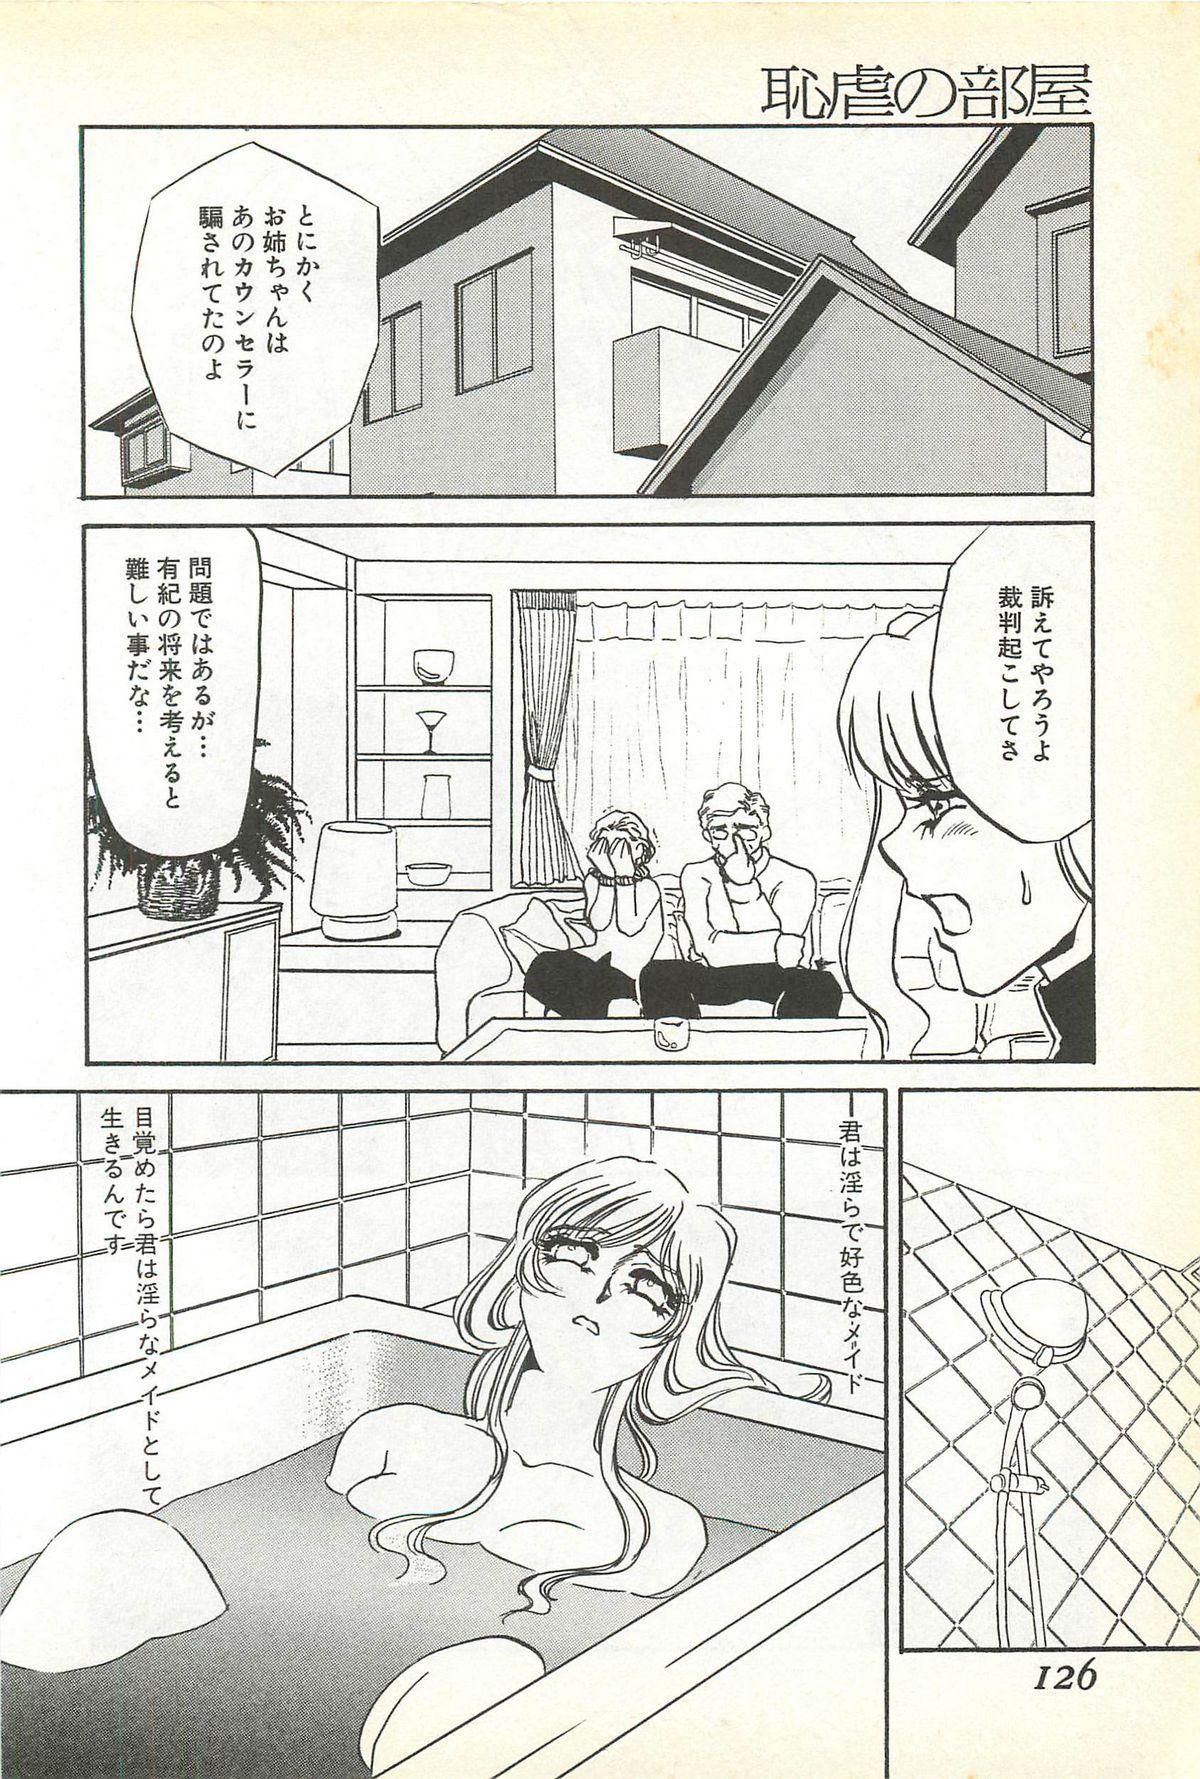 Chigyaku no Heya - A Shameful Punishment Room 121